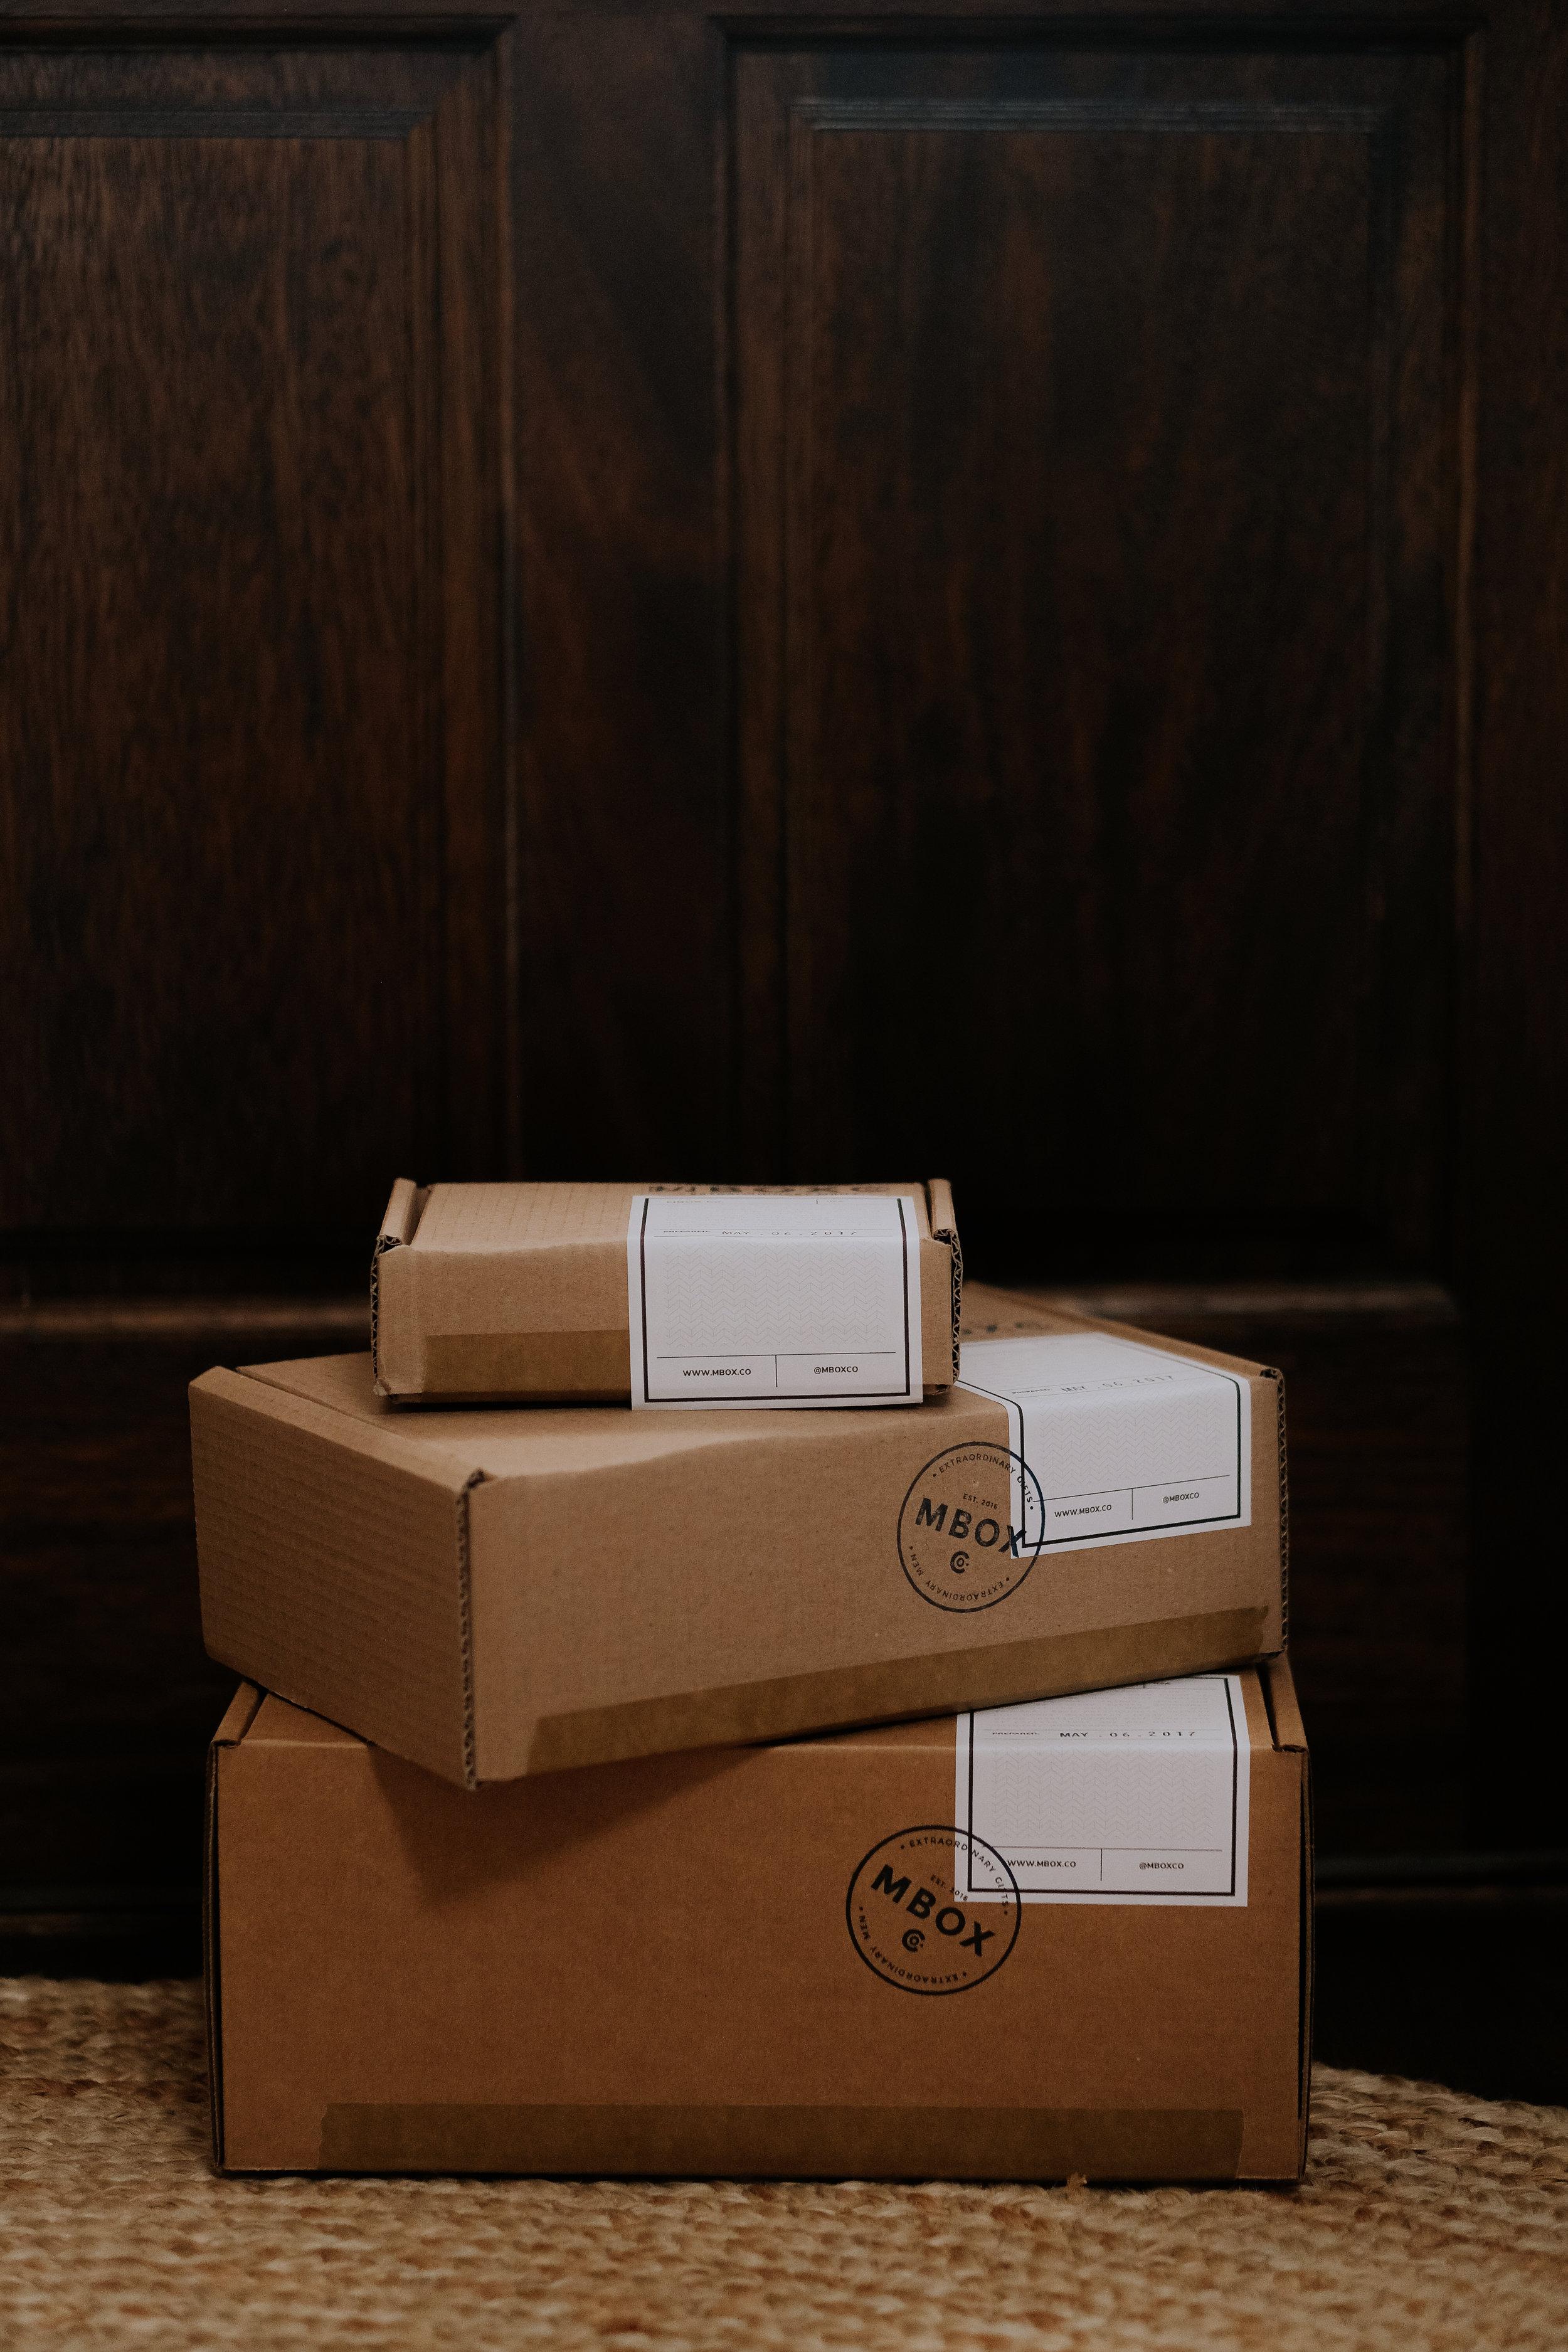 Menguin-Mbox.SpringShootmileswittboyer.com2017-263.jpg